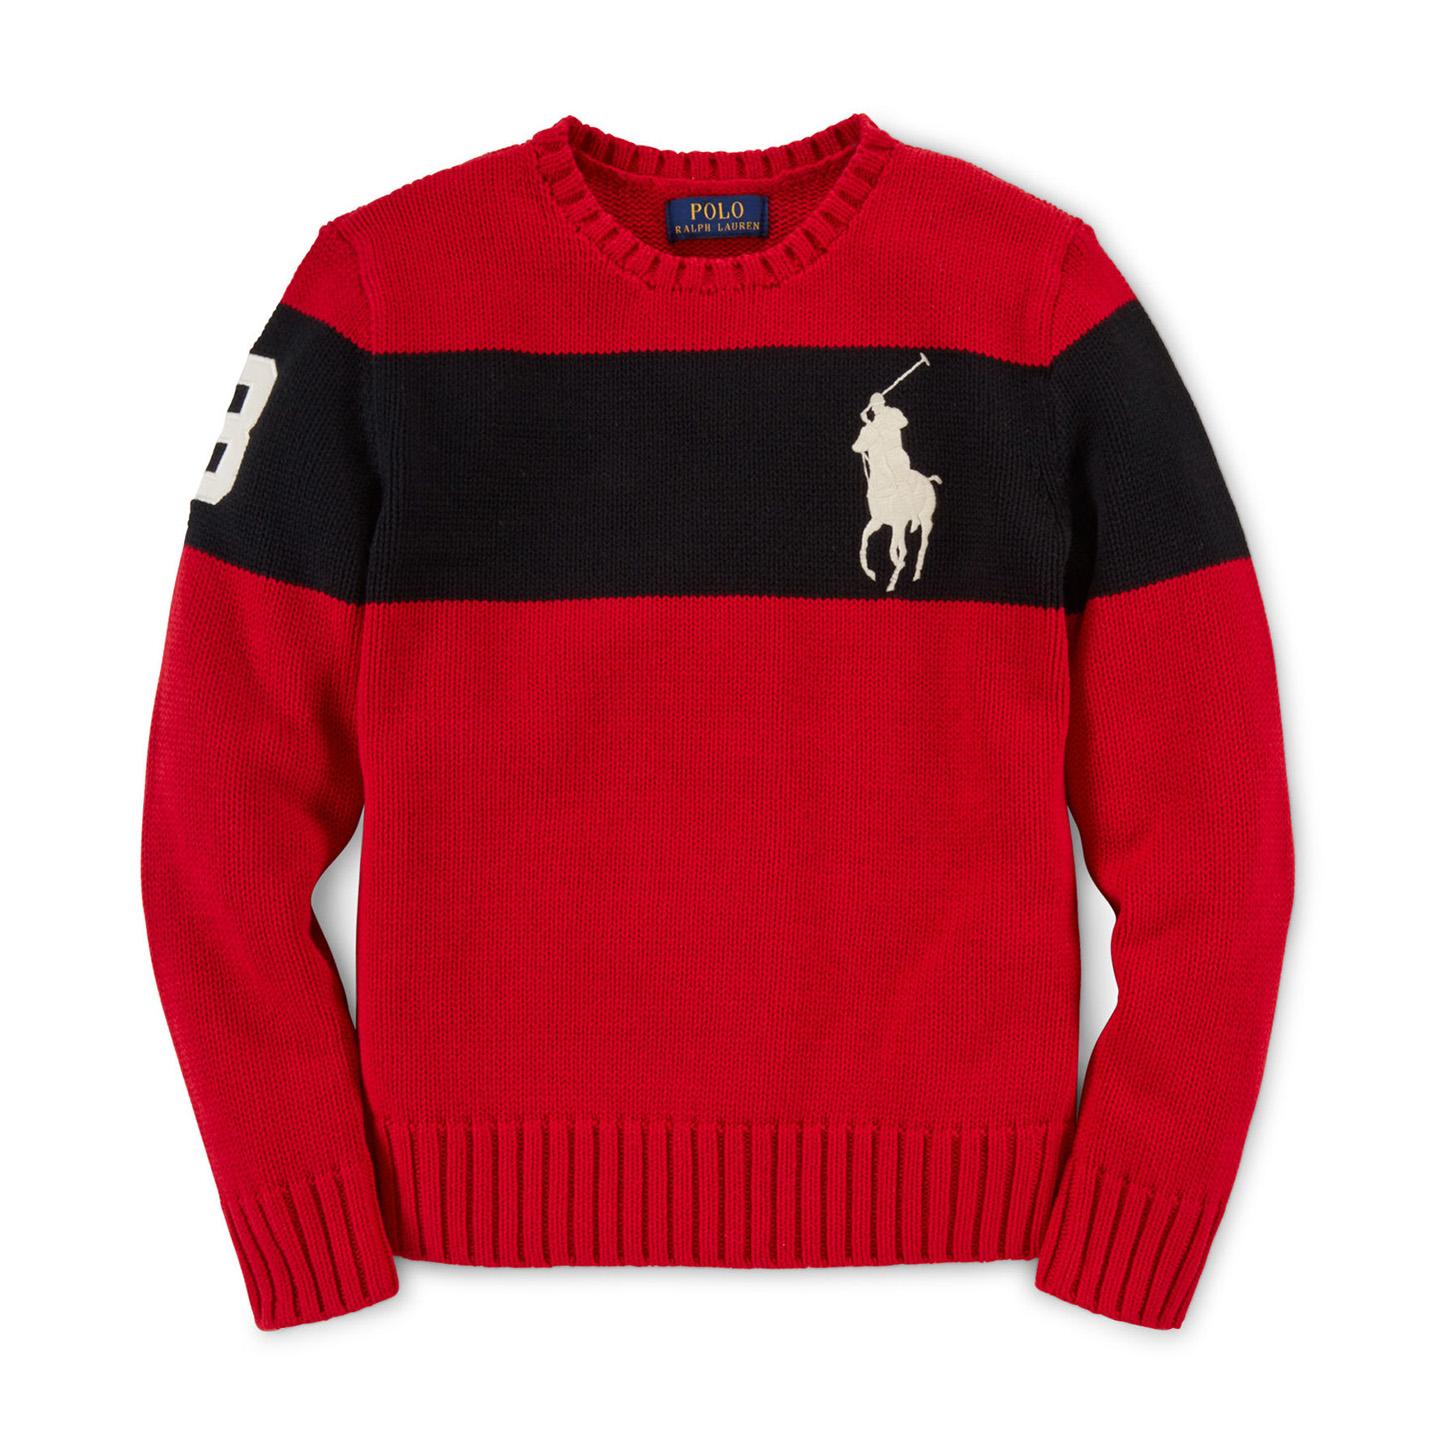 美國百分百【Ralph Lauren】針織衫 RL polo 大馬 毛衣 線衫 厚款 撞色 紅色 黑 XS S F940